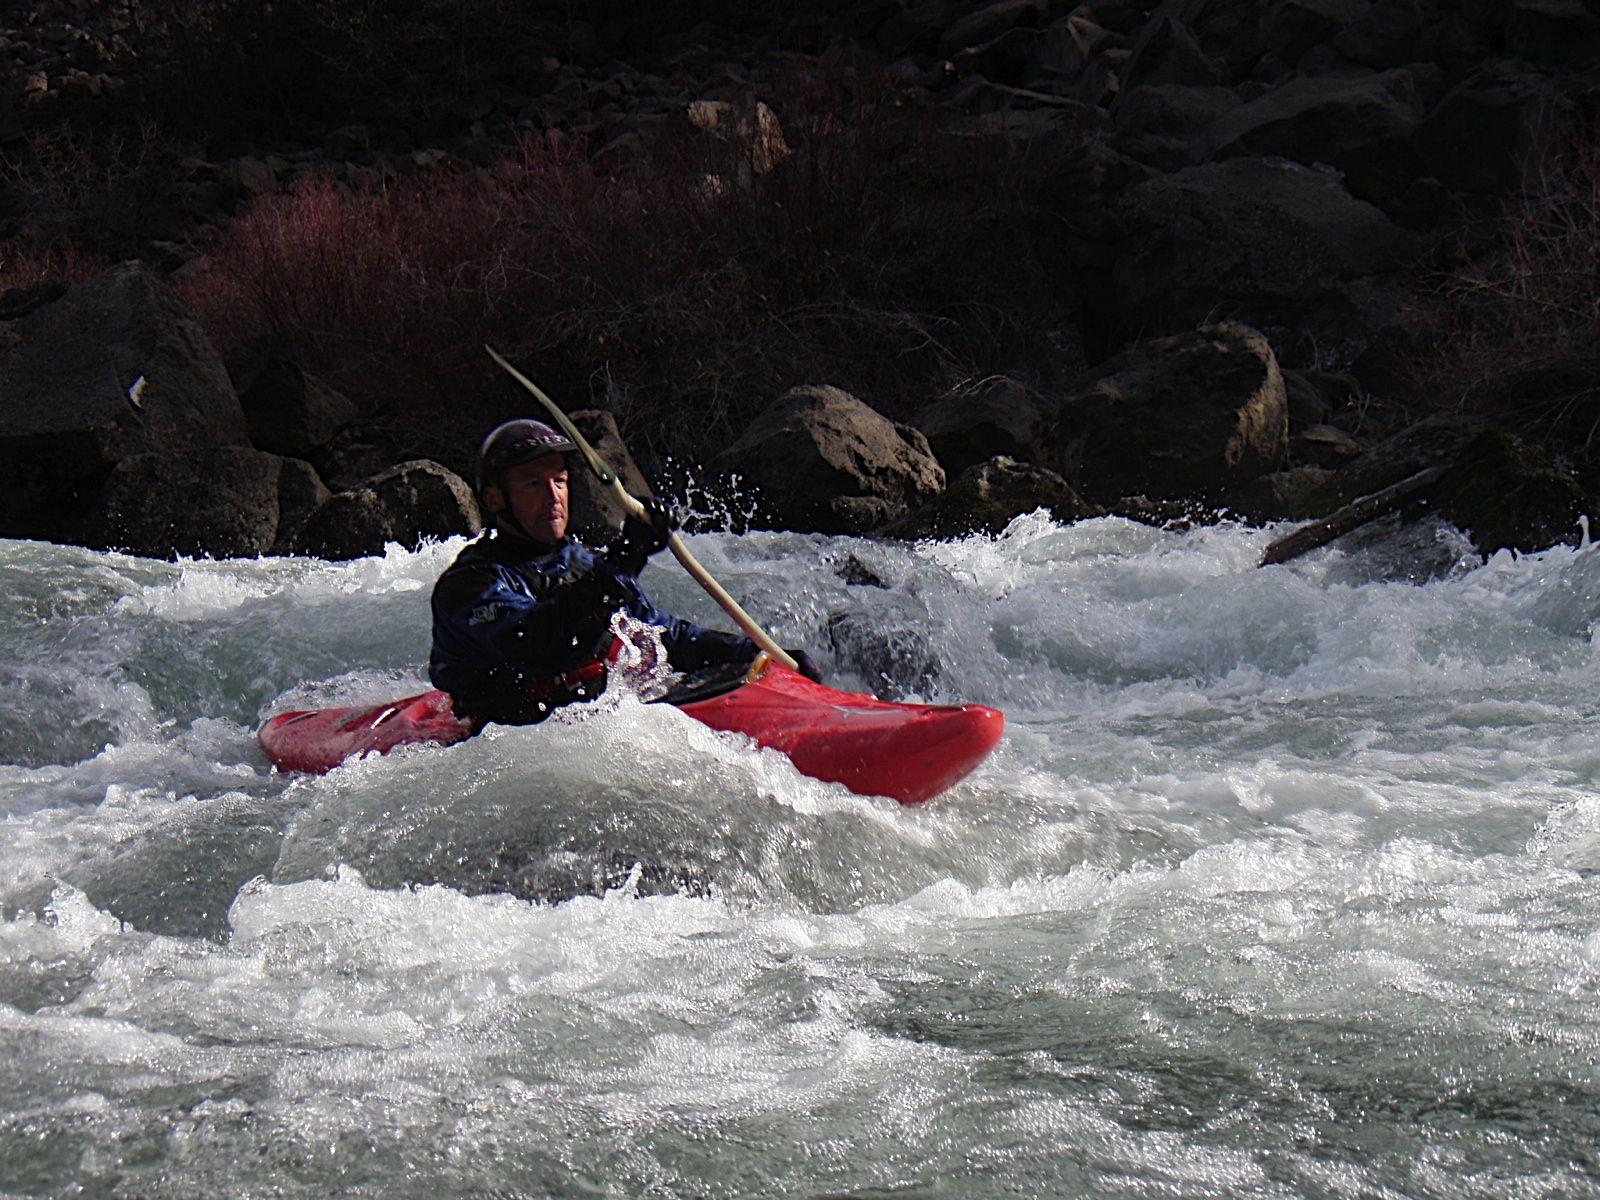 whitewater kayaking in Bend, Oregon